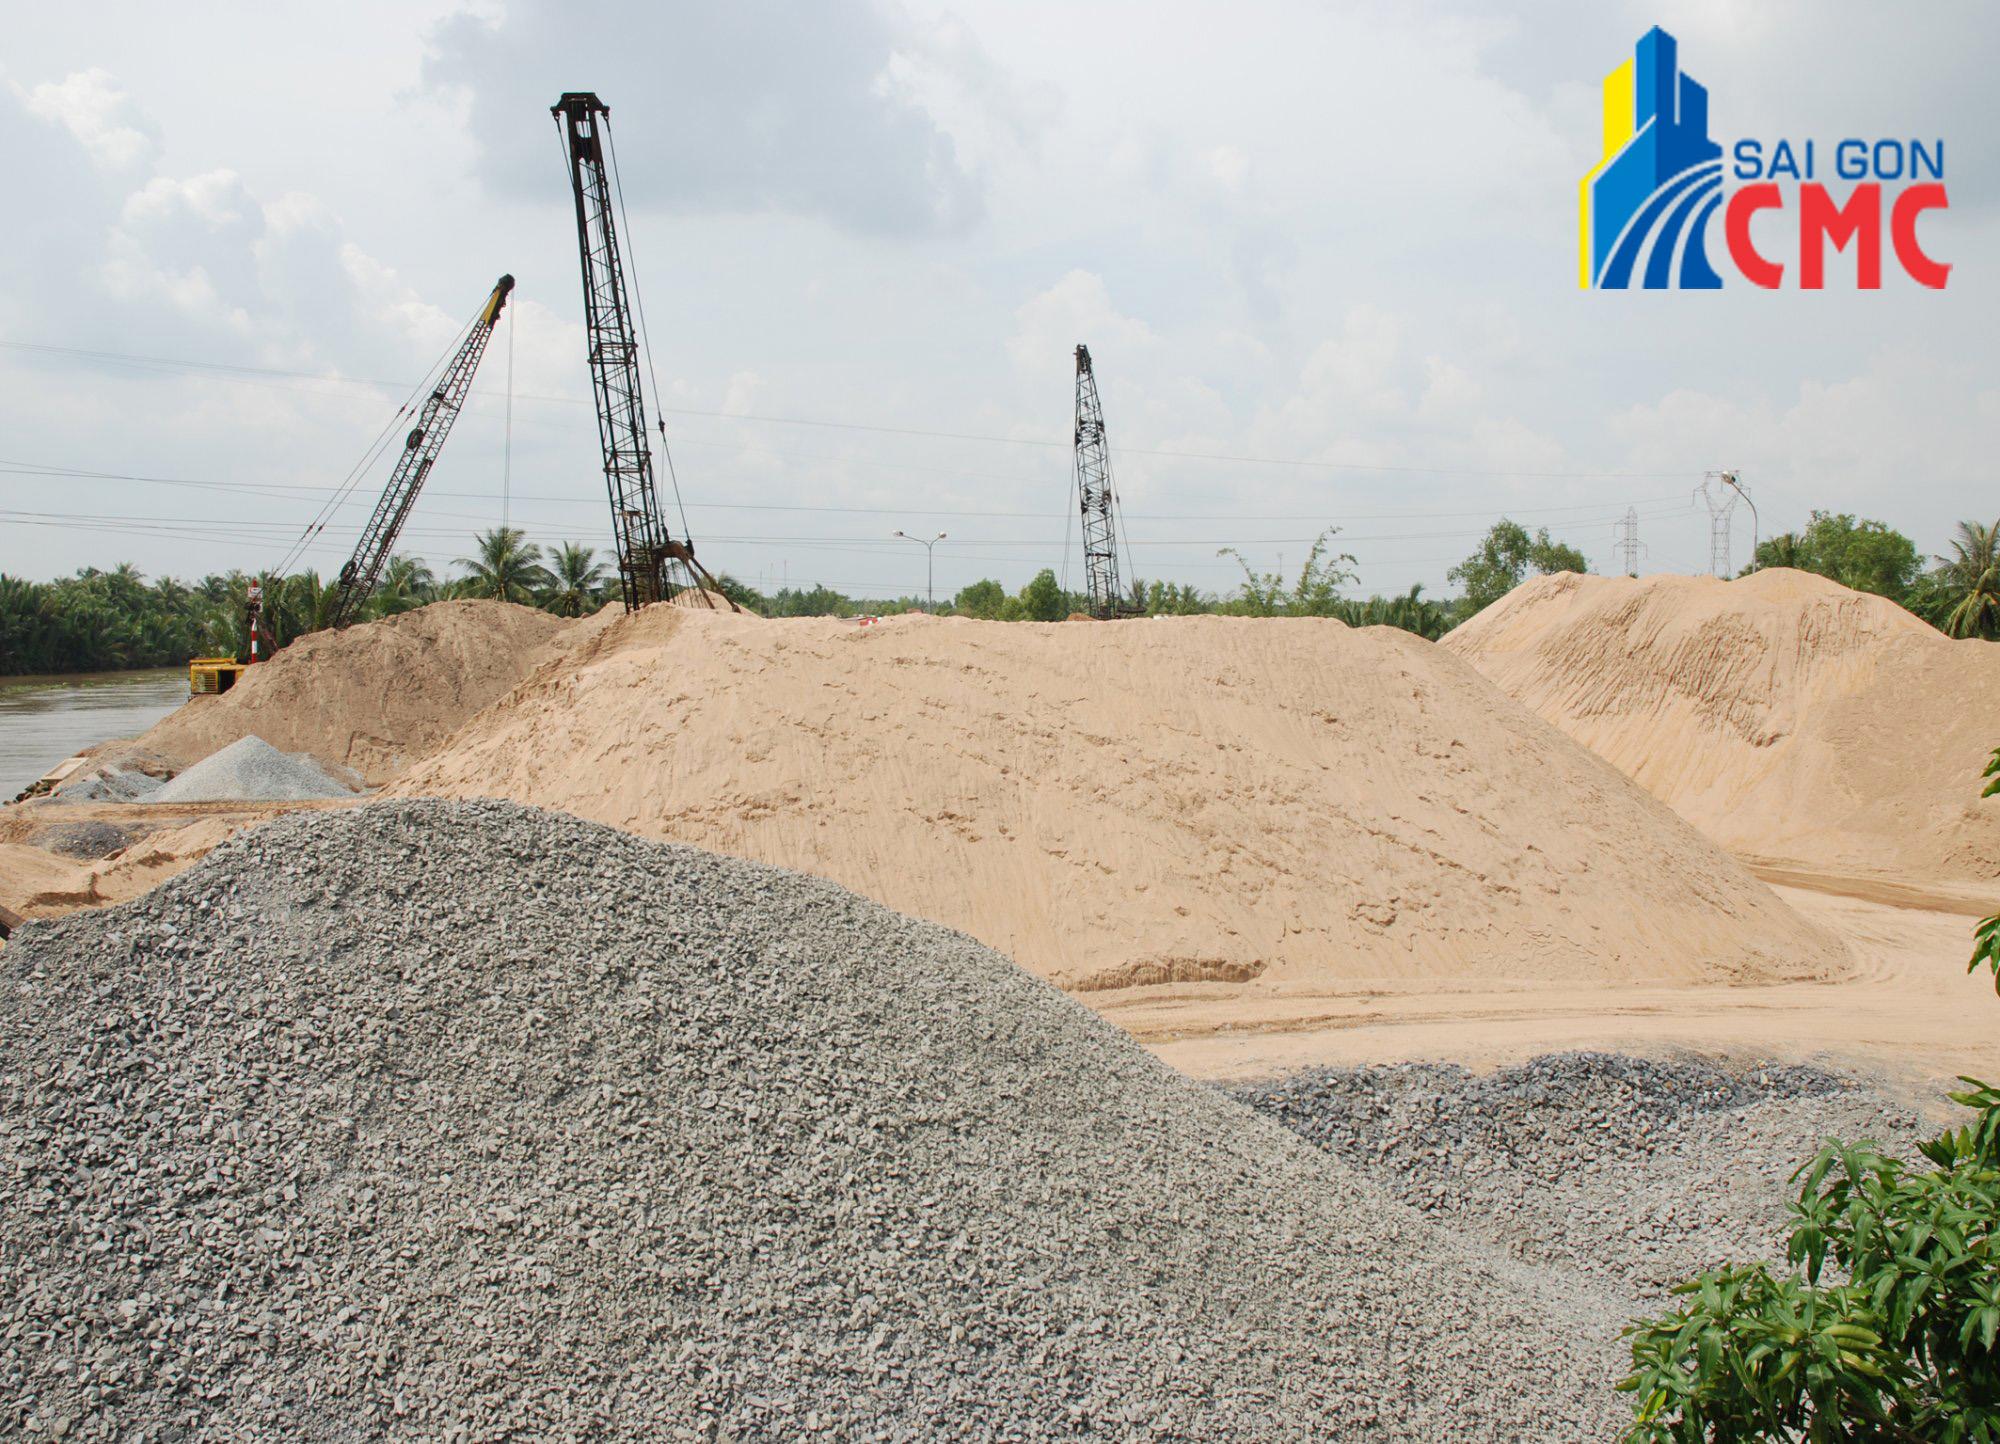 Nhu cầu sử dụng cát đá xây dựng trong ngành nghề xây dựng hiện nay